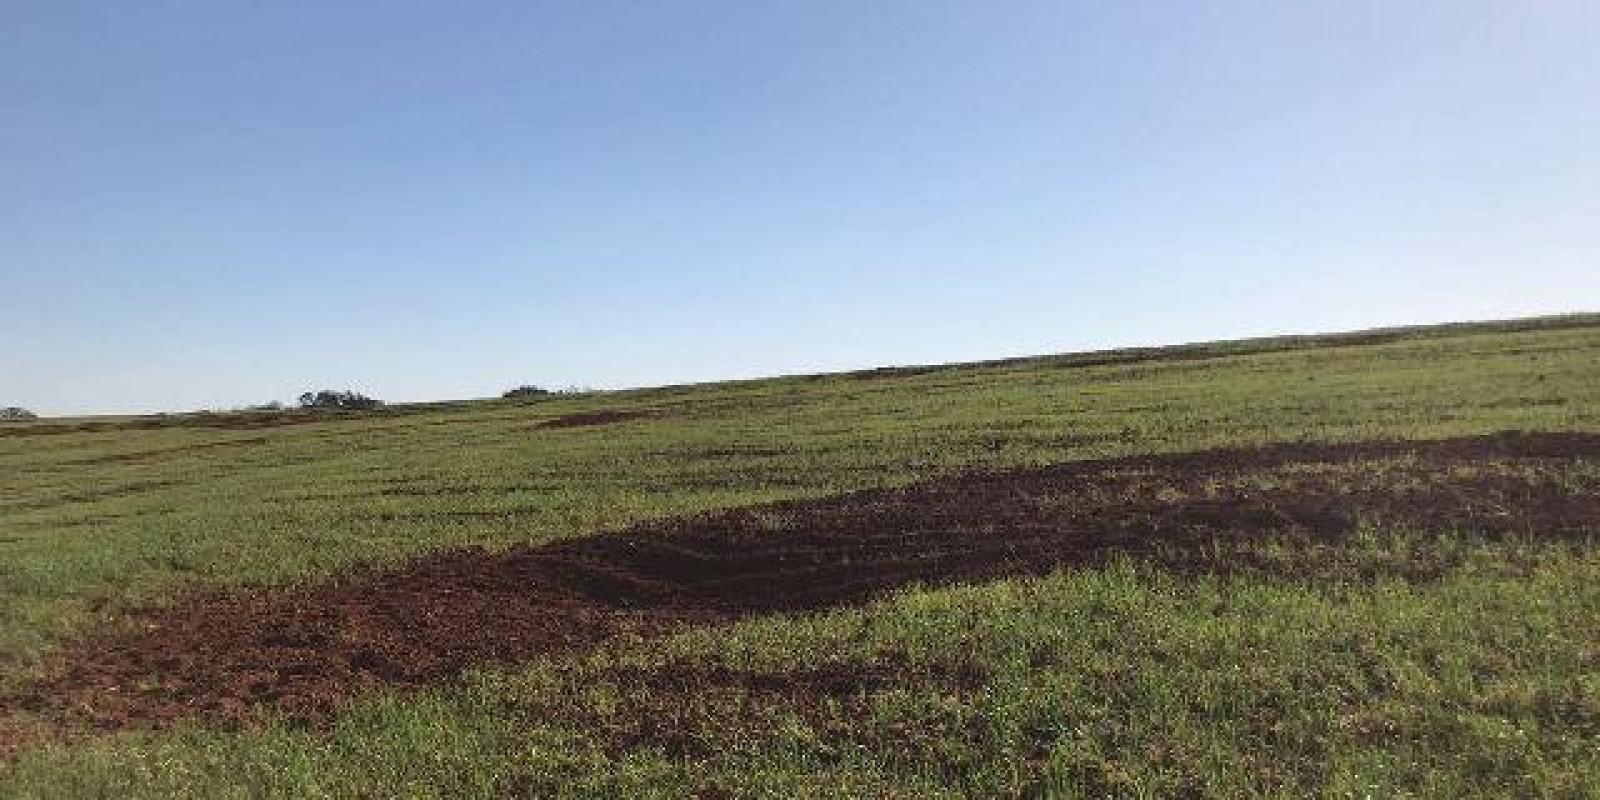 Fazenda de 40 Alqueires, Município de Sarutaiá Sp - Foto 14 de 20